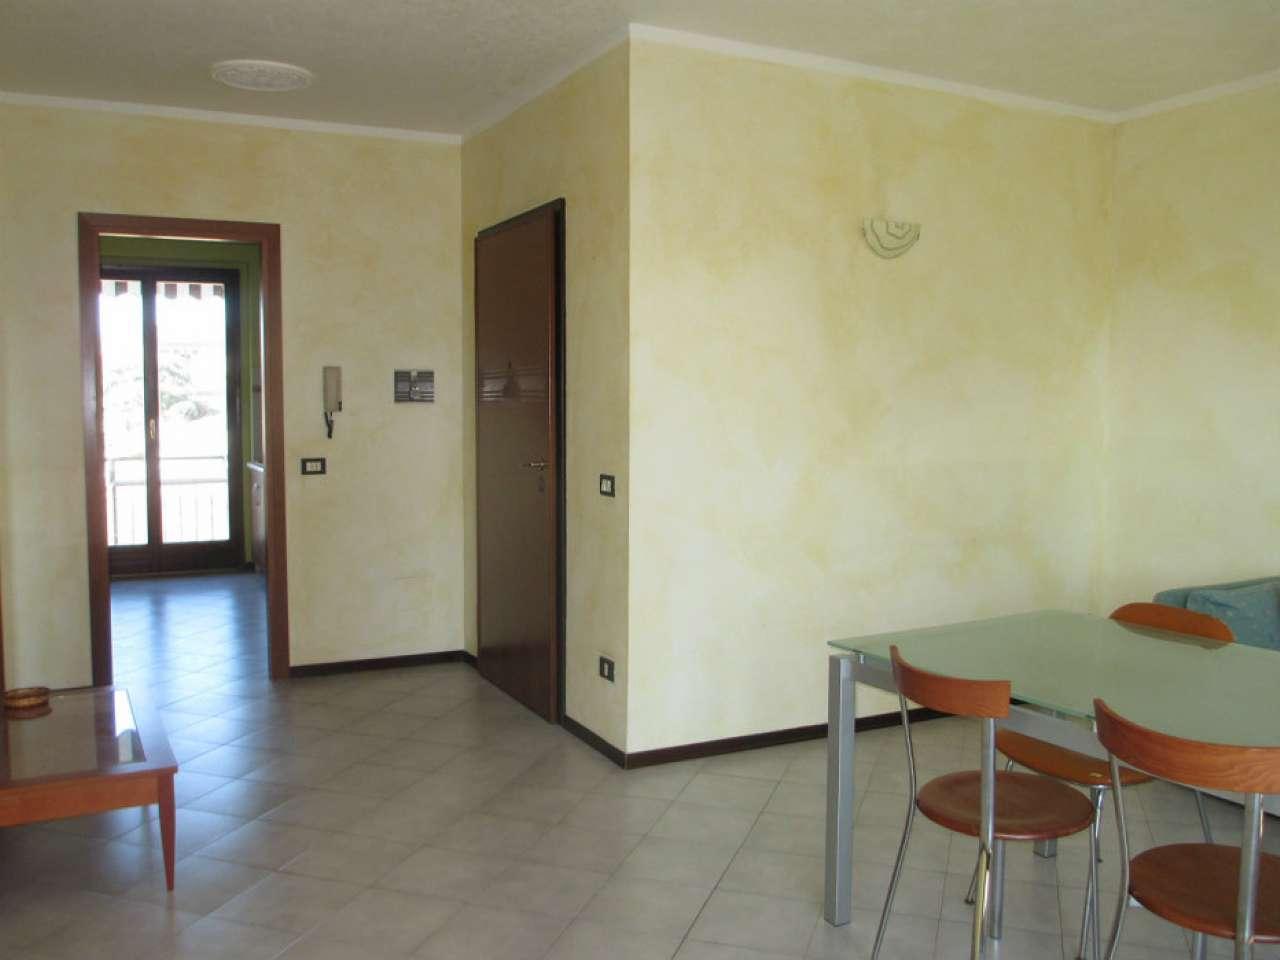 Appartamento in vendita a Soresina, 4 locali, prezzo € 110.000 | Cambio Casa.it